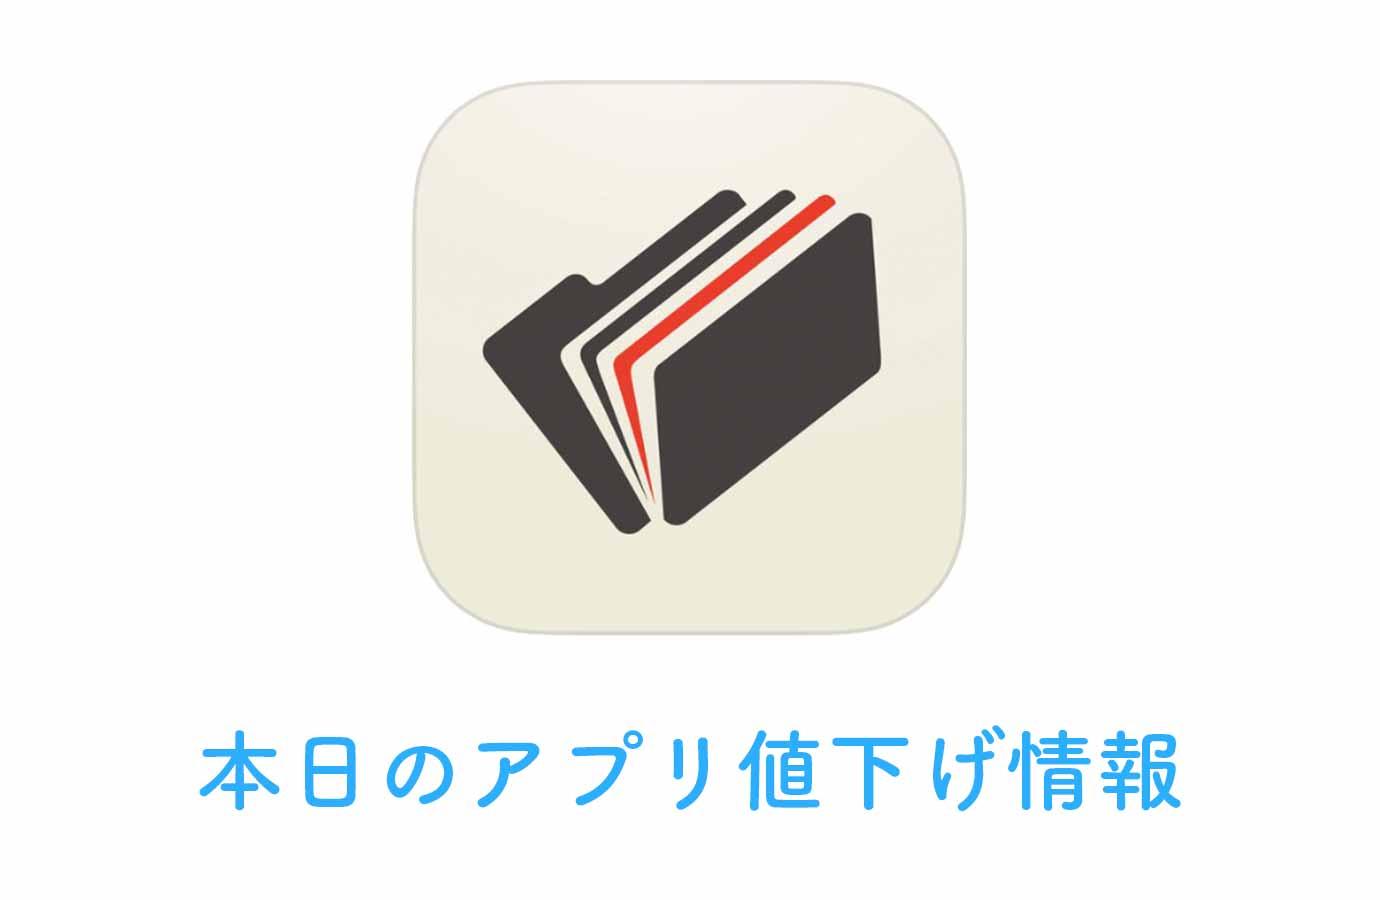 120円→無料!フォルダ分けできるシンプルなメモアプリ「Folder & Note : シンプルノート」など【7/26版】アプリ値下げ情報